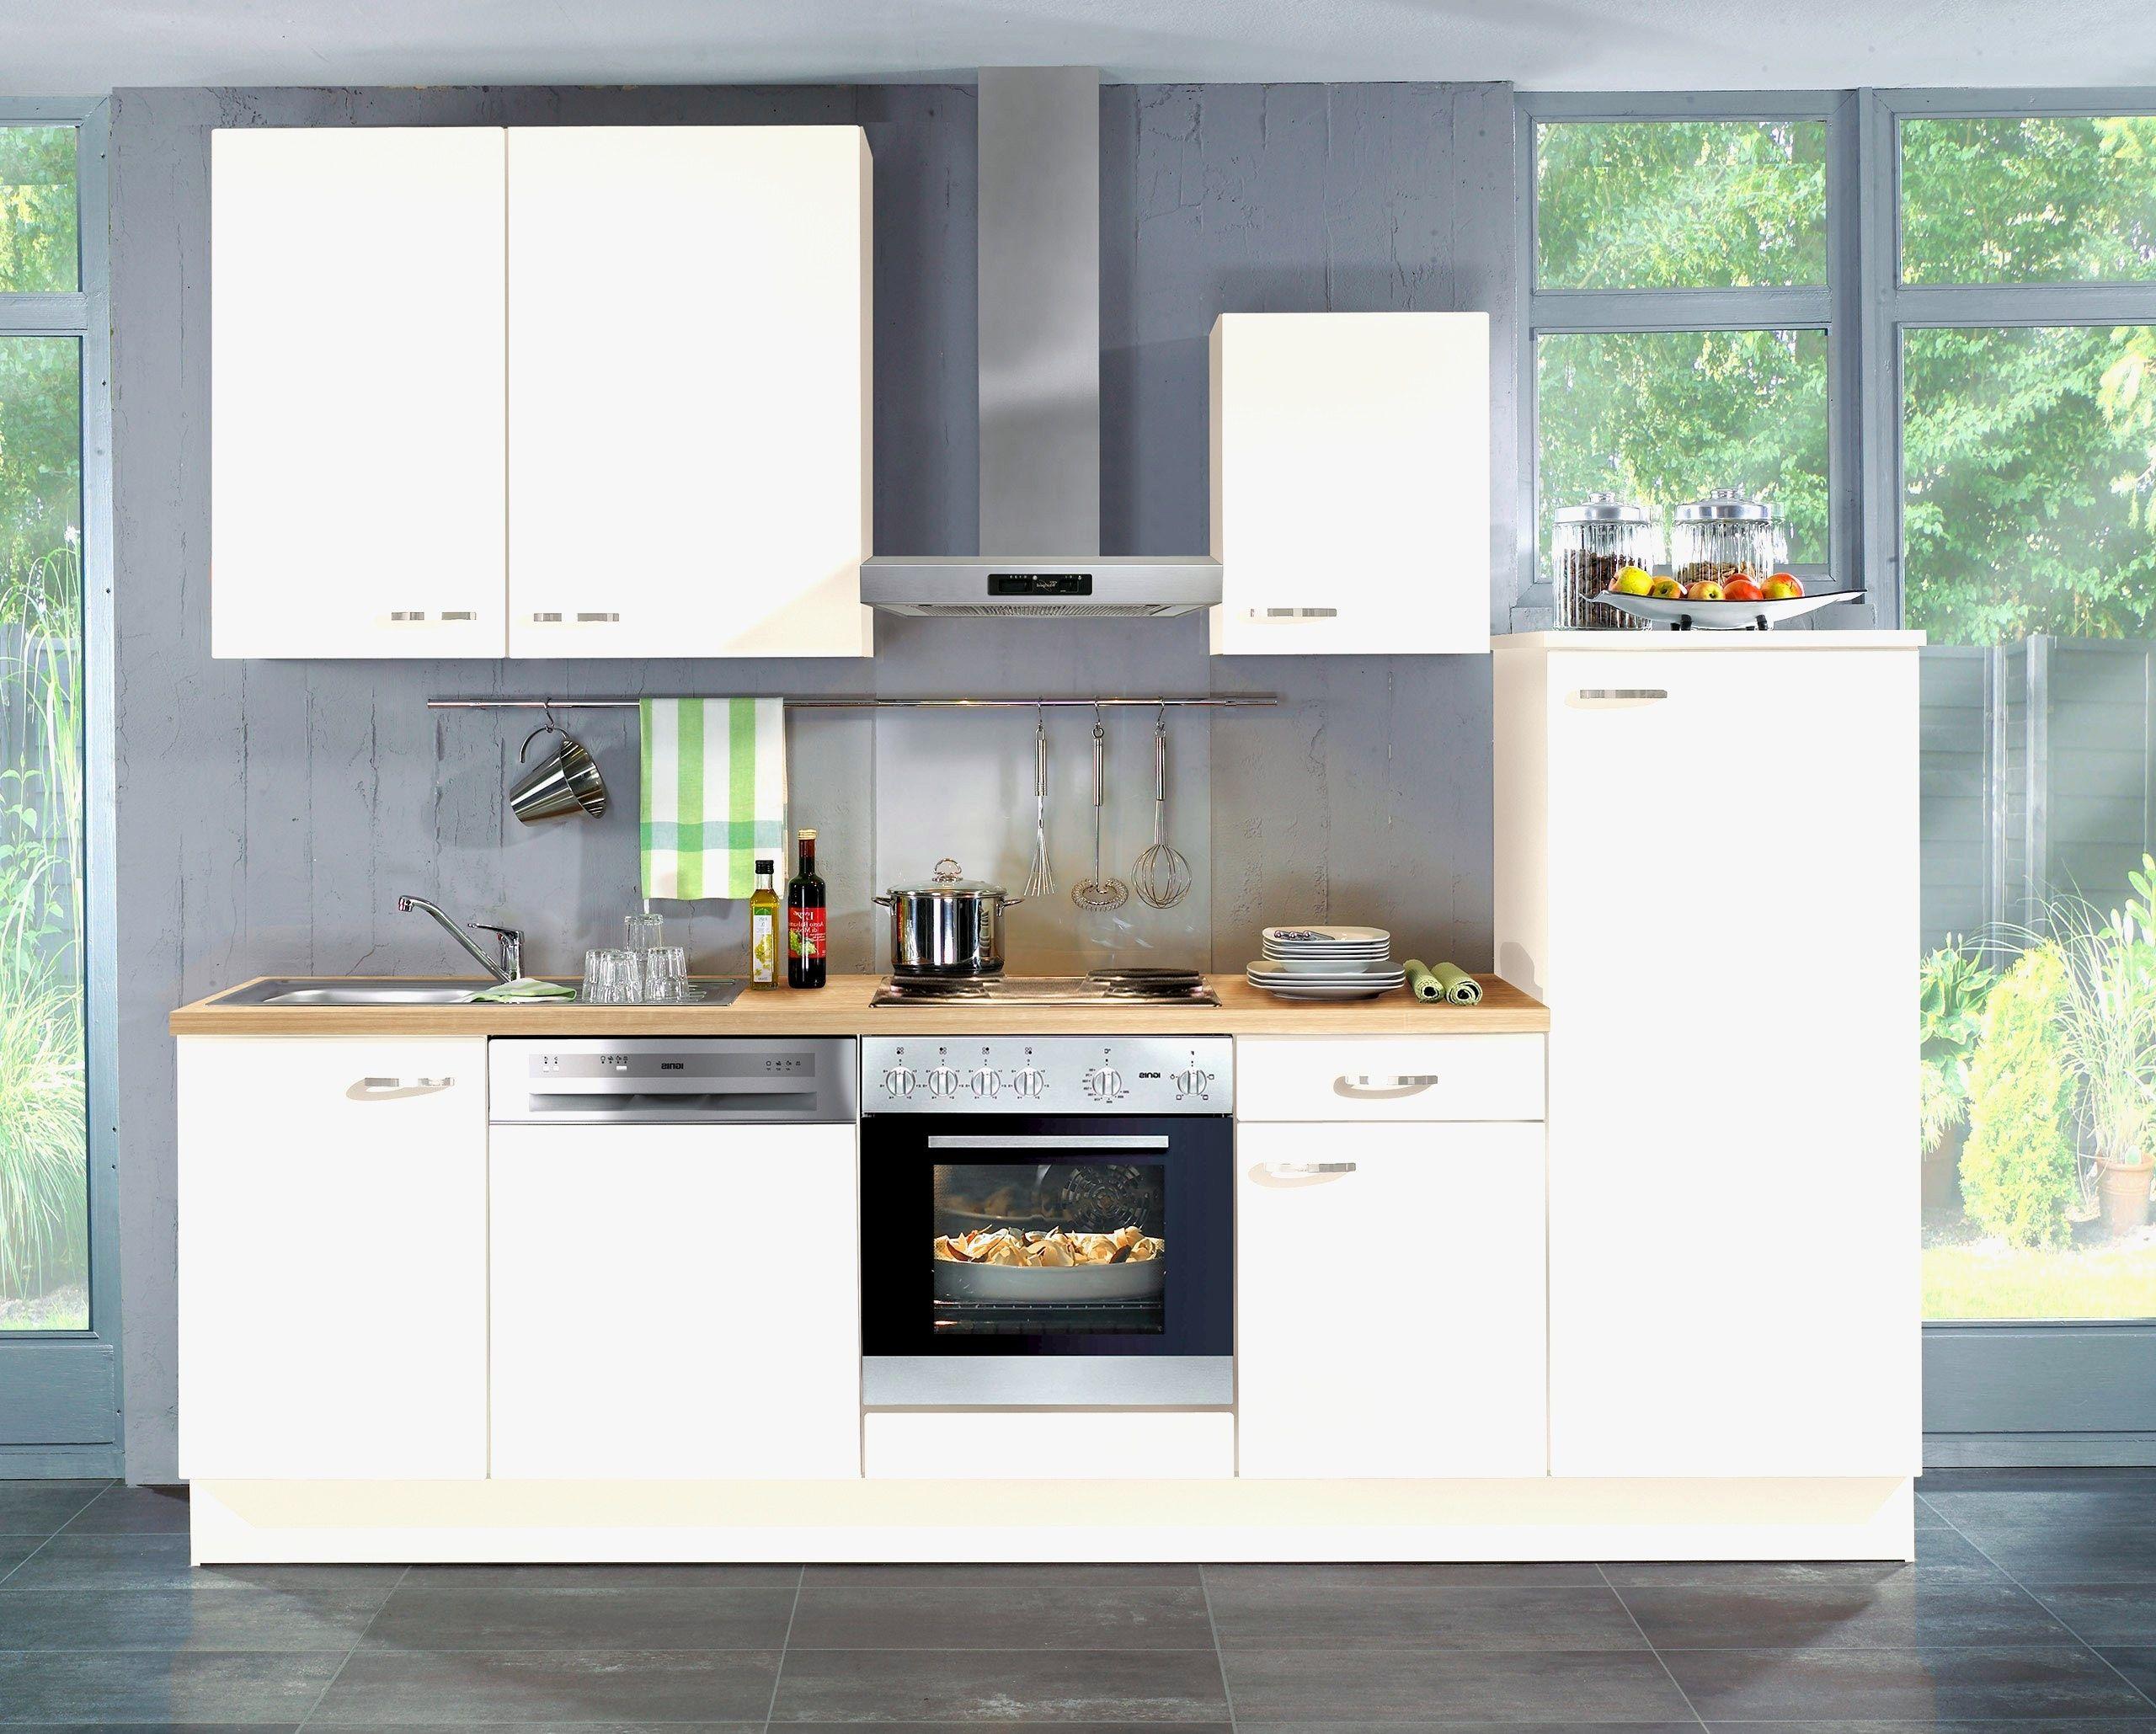 Full Size of Einbauküche Mit Elektrogeräten Unter 1000 Euro Einbauküchen Mit Elektrogeräten L Form Einbauküchen Mit Elektrogeräten Ohne Kühlschrank Einbauküche Mit Elektrogeräten Billig Küche Einbauküche Mit Elektrogeräten